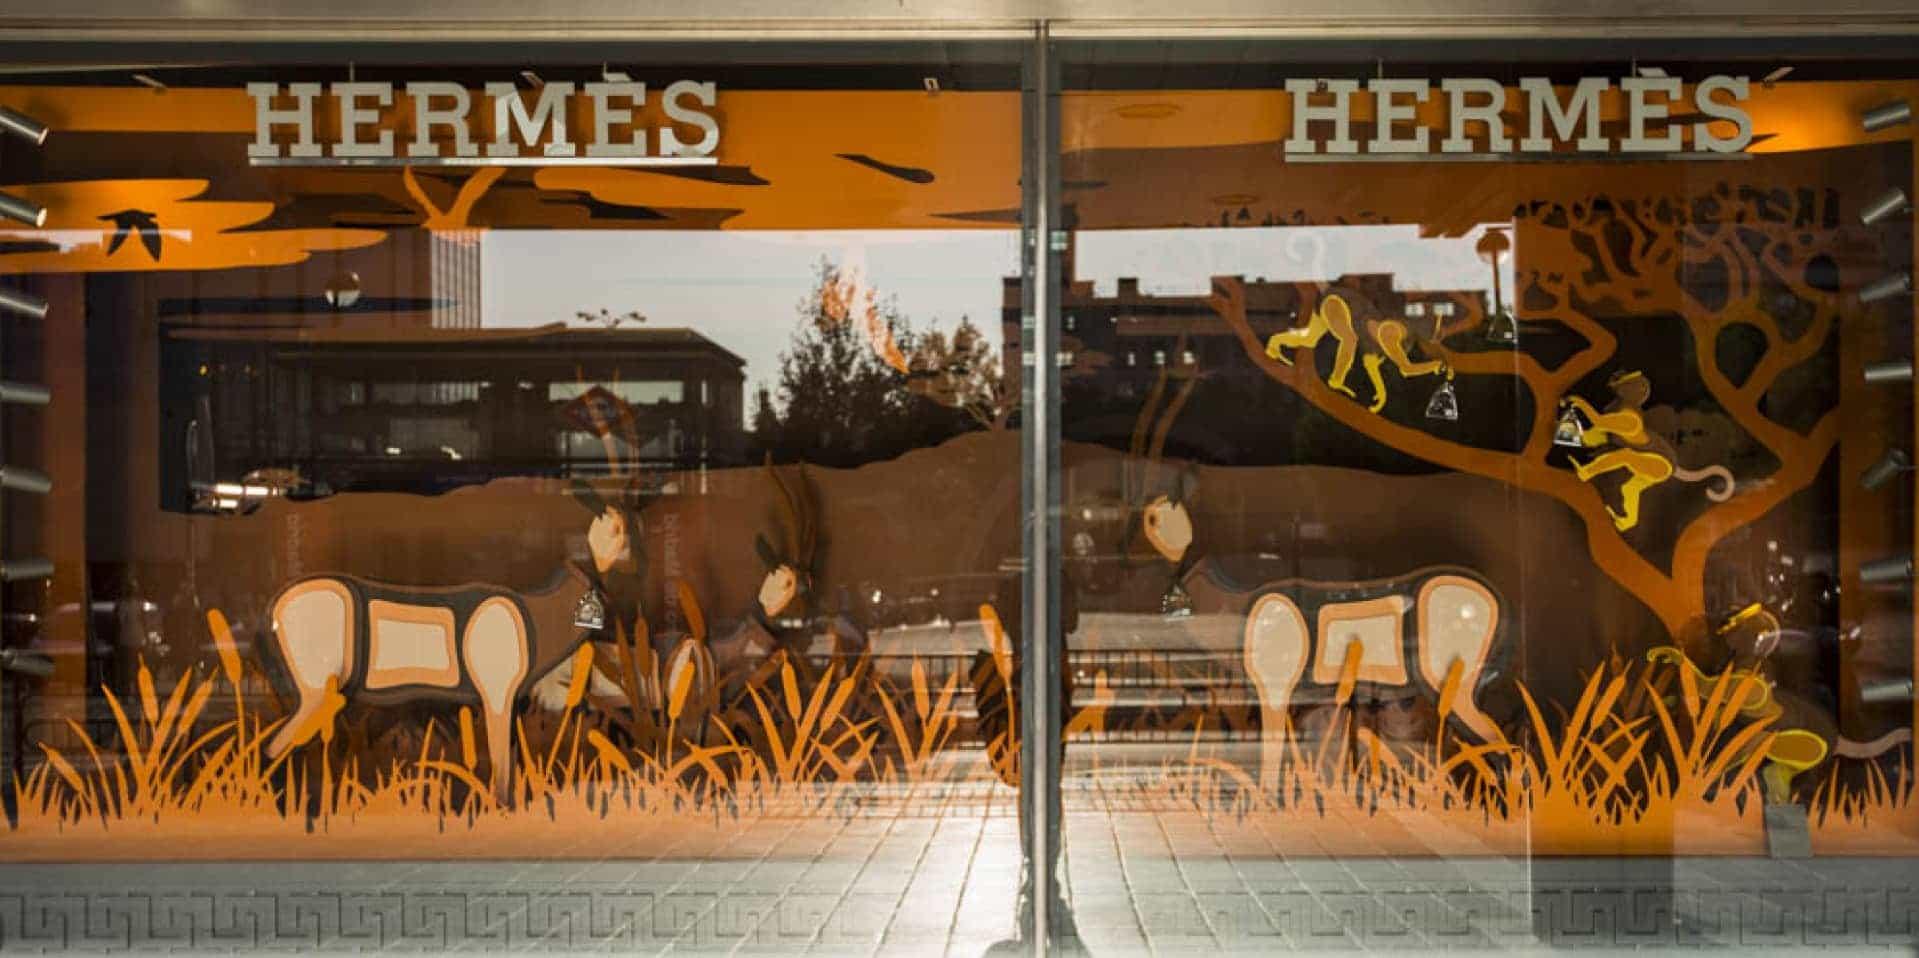 Instalación de traseras por capas y en madera y animales 3D en escaparates boutiques Hermès